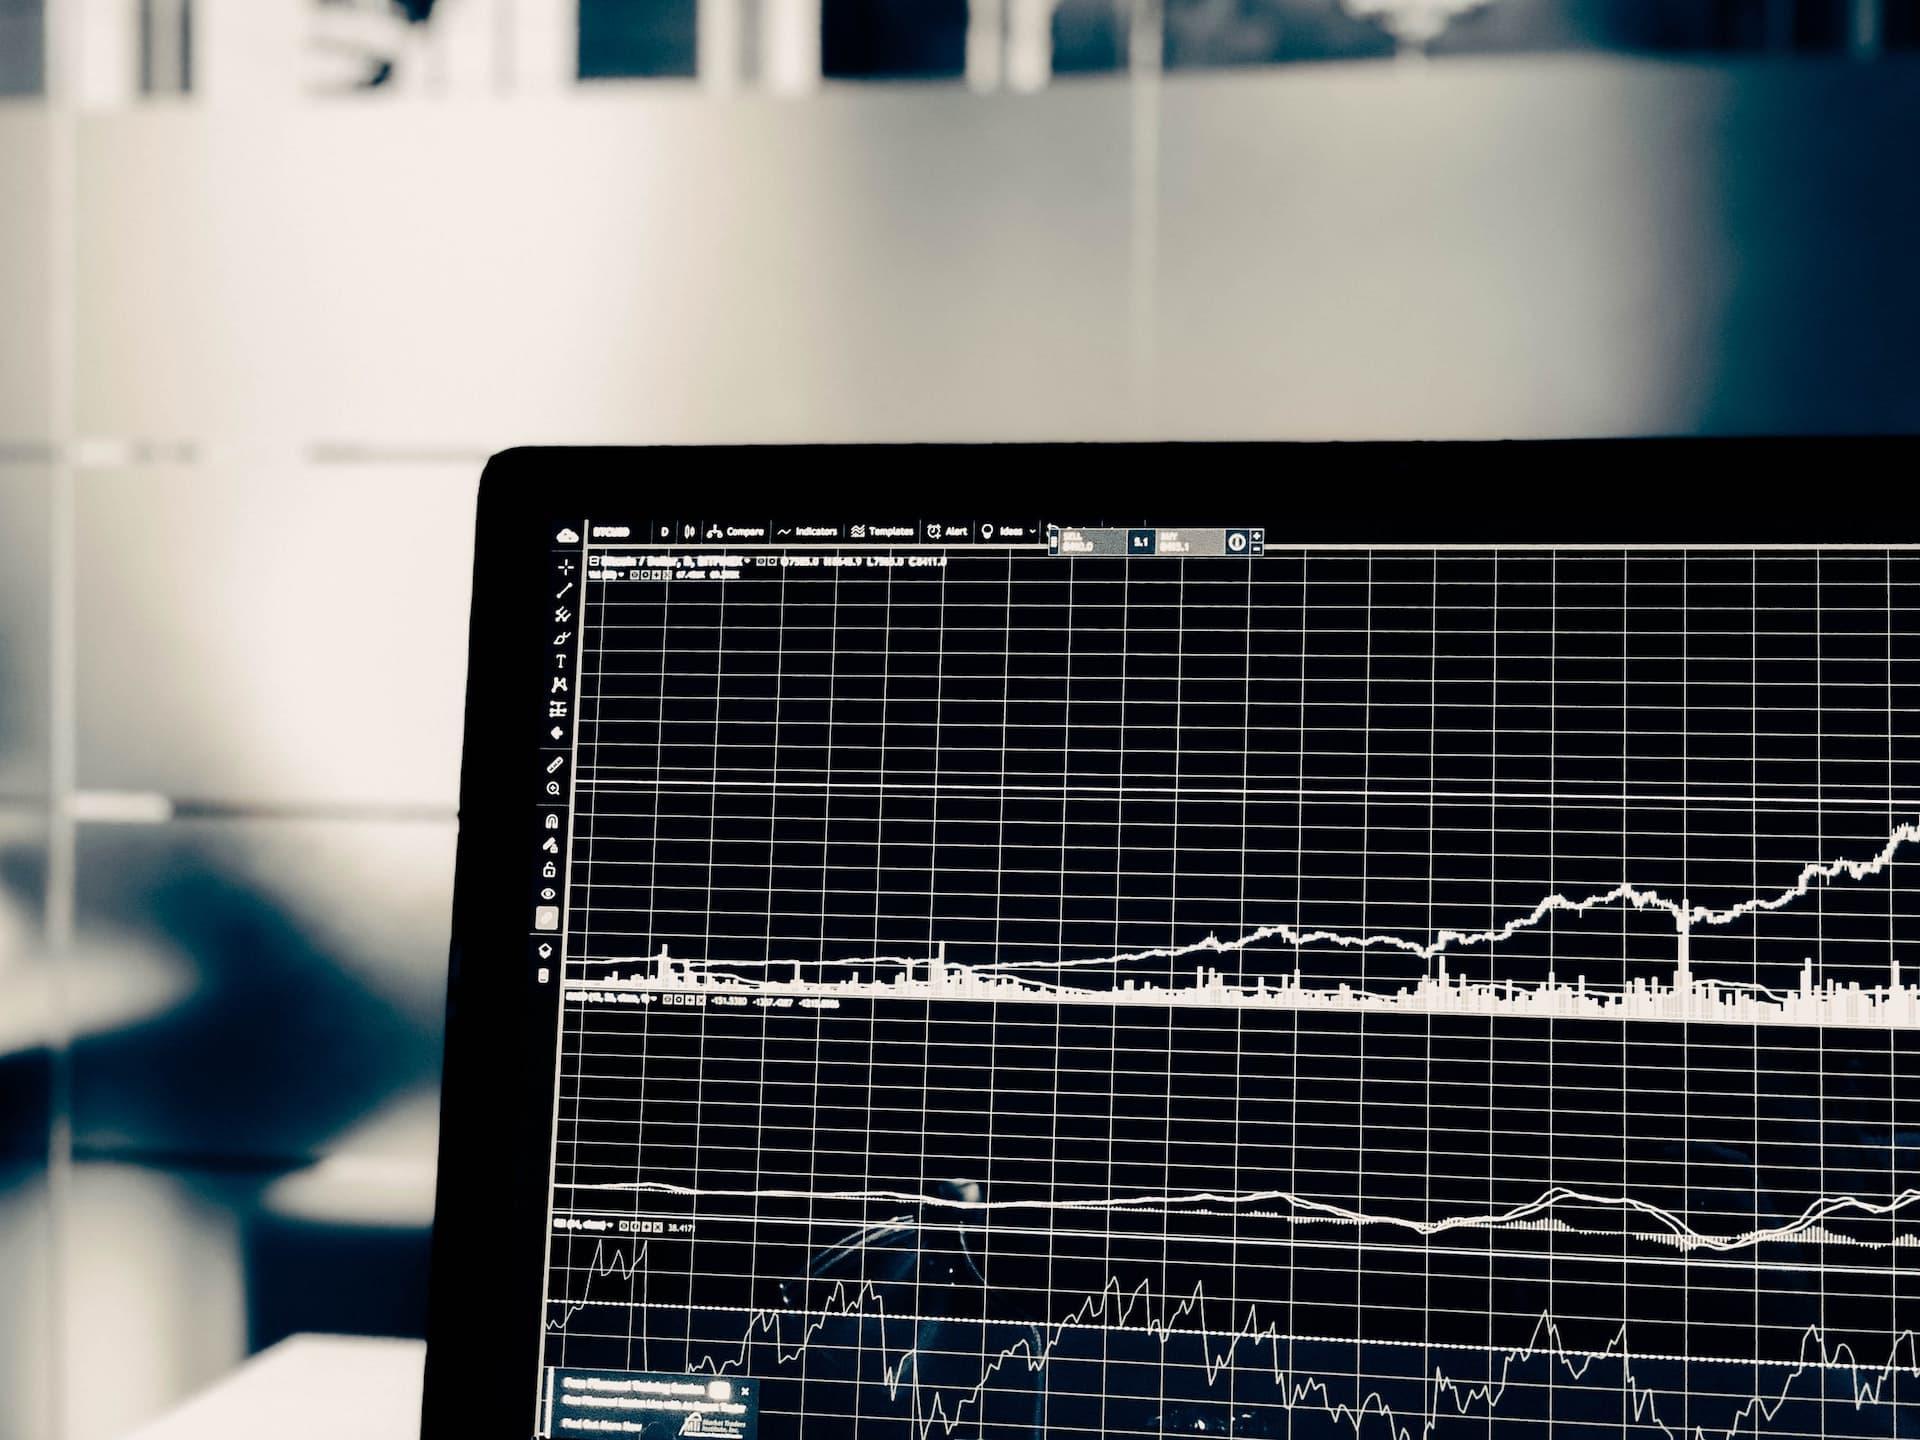 Auswertung und Statistiken im Kurs-Buchungssystem